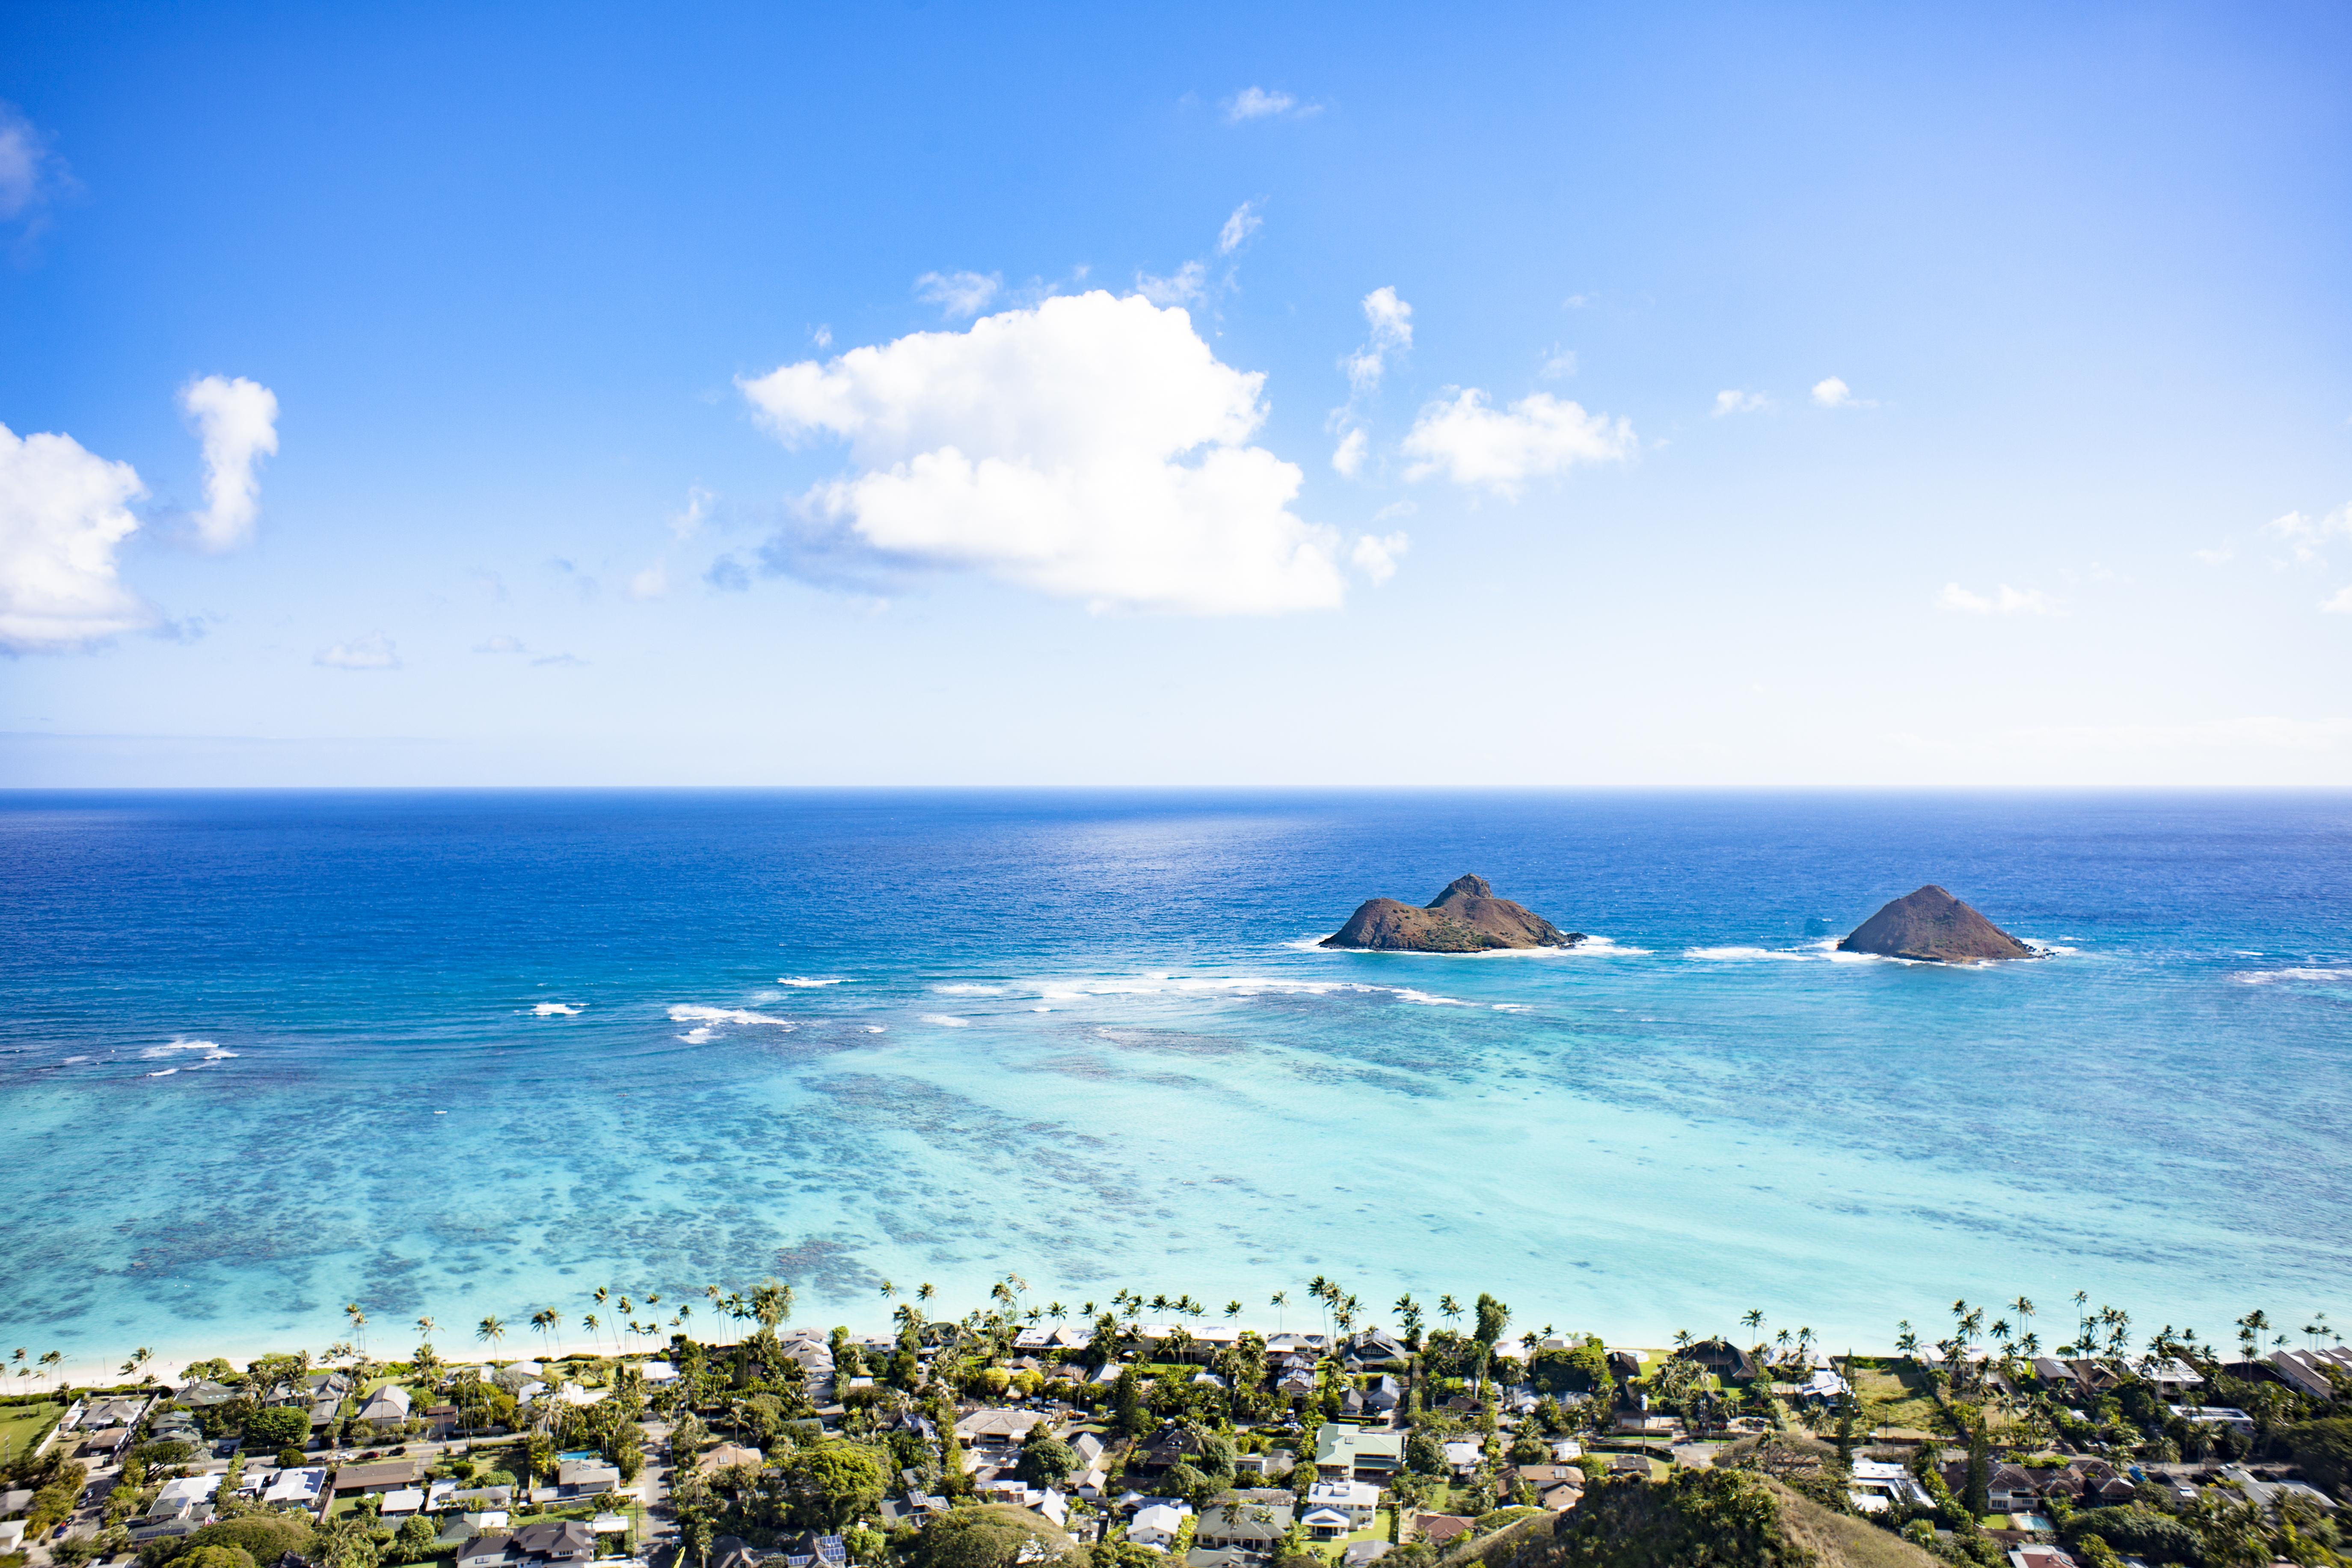 La Playa Lanikai es una playa ubicada en Kailua, en la costa este de Oahu, Hawái. Esta playa, con sólo 800 metros de largo, es considerada una de las mejores playas del mundo. Contiguo a esta playa se encuentra un barrio de clase alta, y debido a esto es accsesible sólo a través de caminos públicos. Lanikai significa